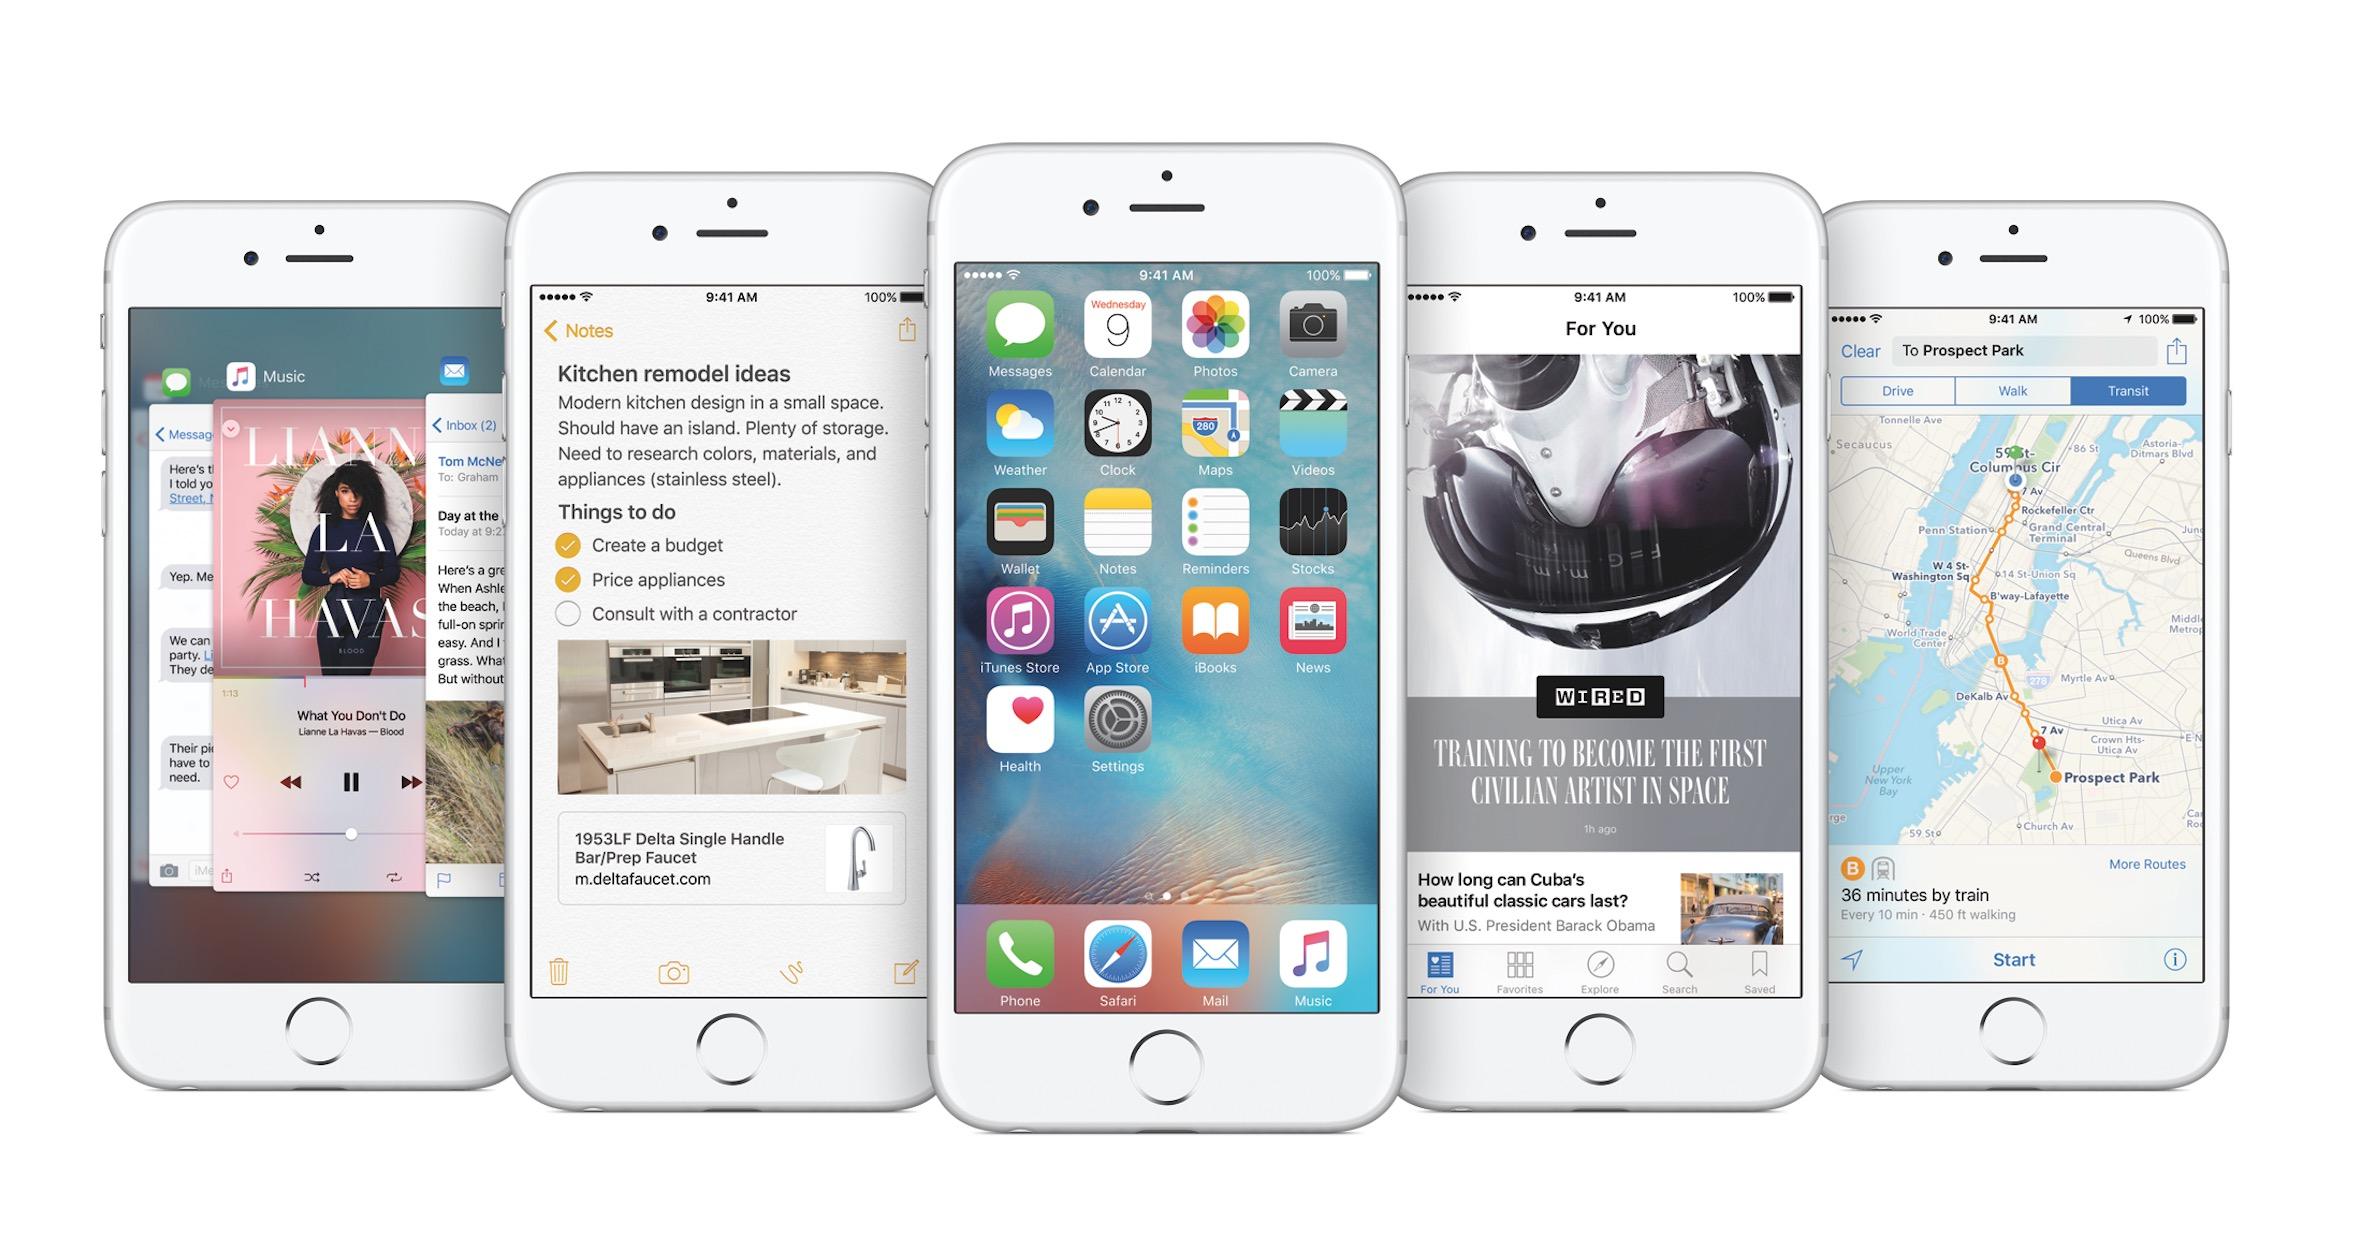 iOSバージョン別シェア「iOS 9」は66%に